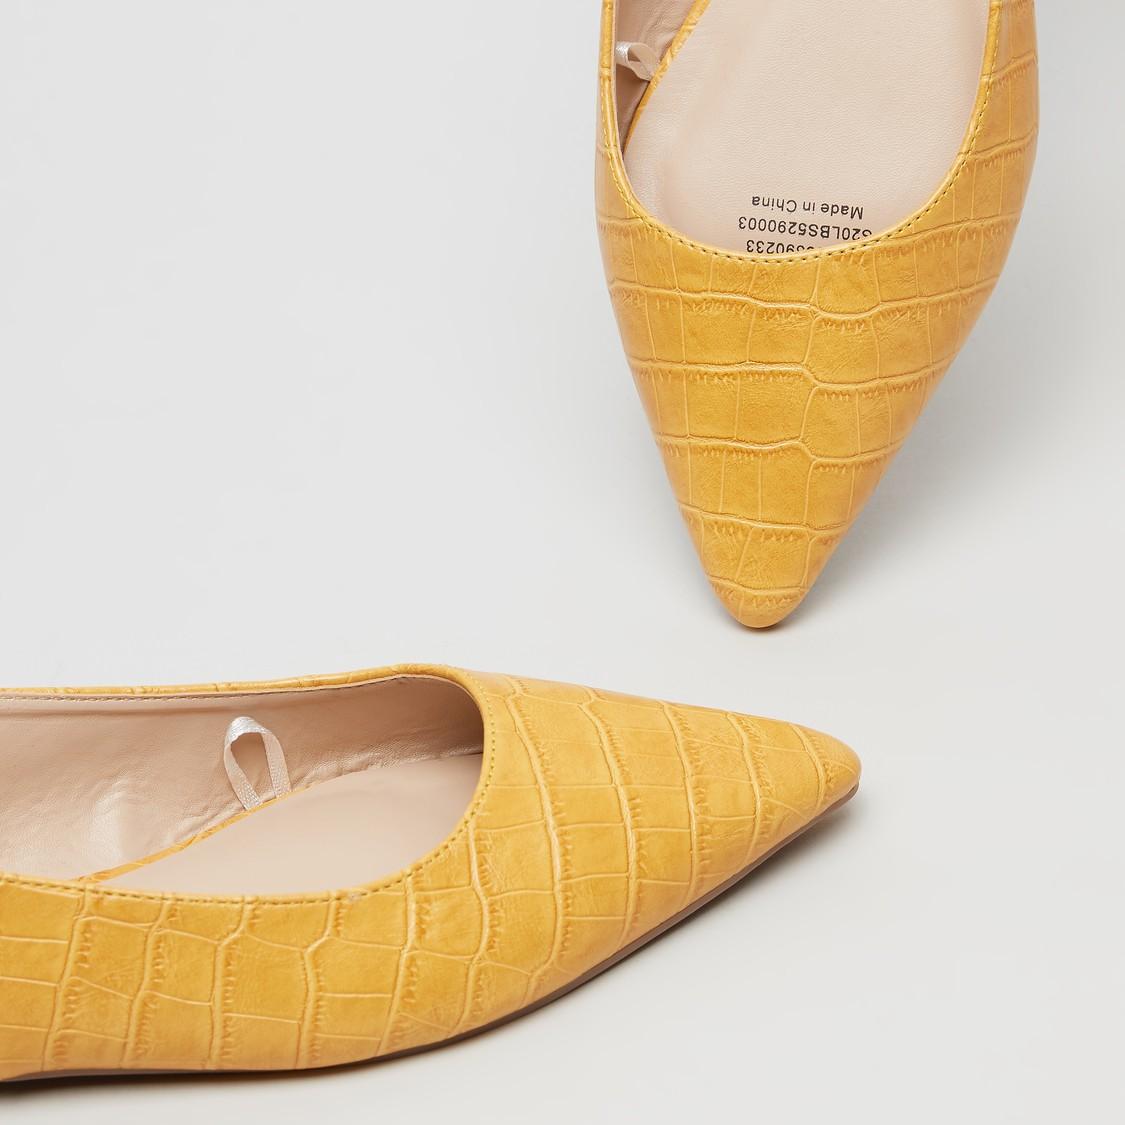 حذاء مسطح بارز الملمس بحزام خلفي بإبزيم إغلاق بدبوس